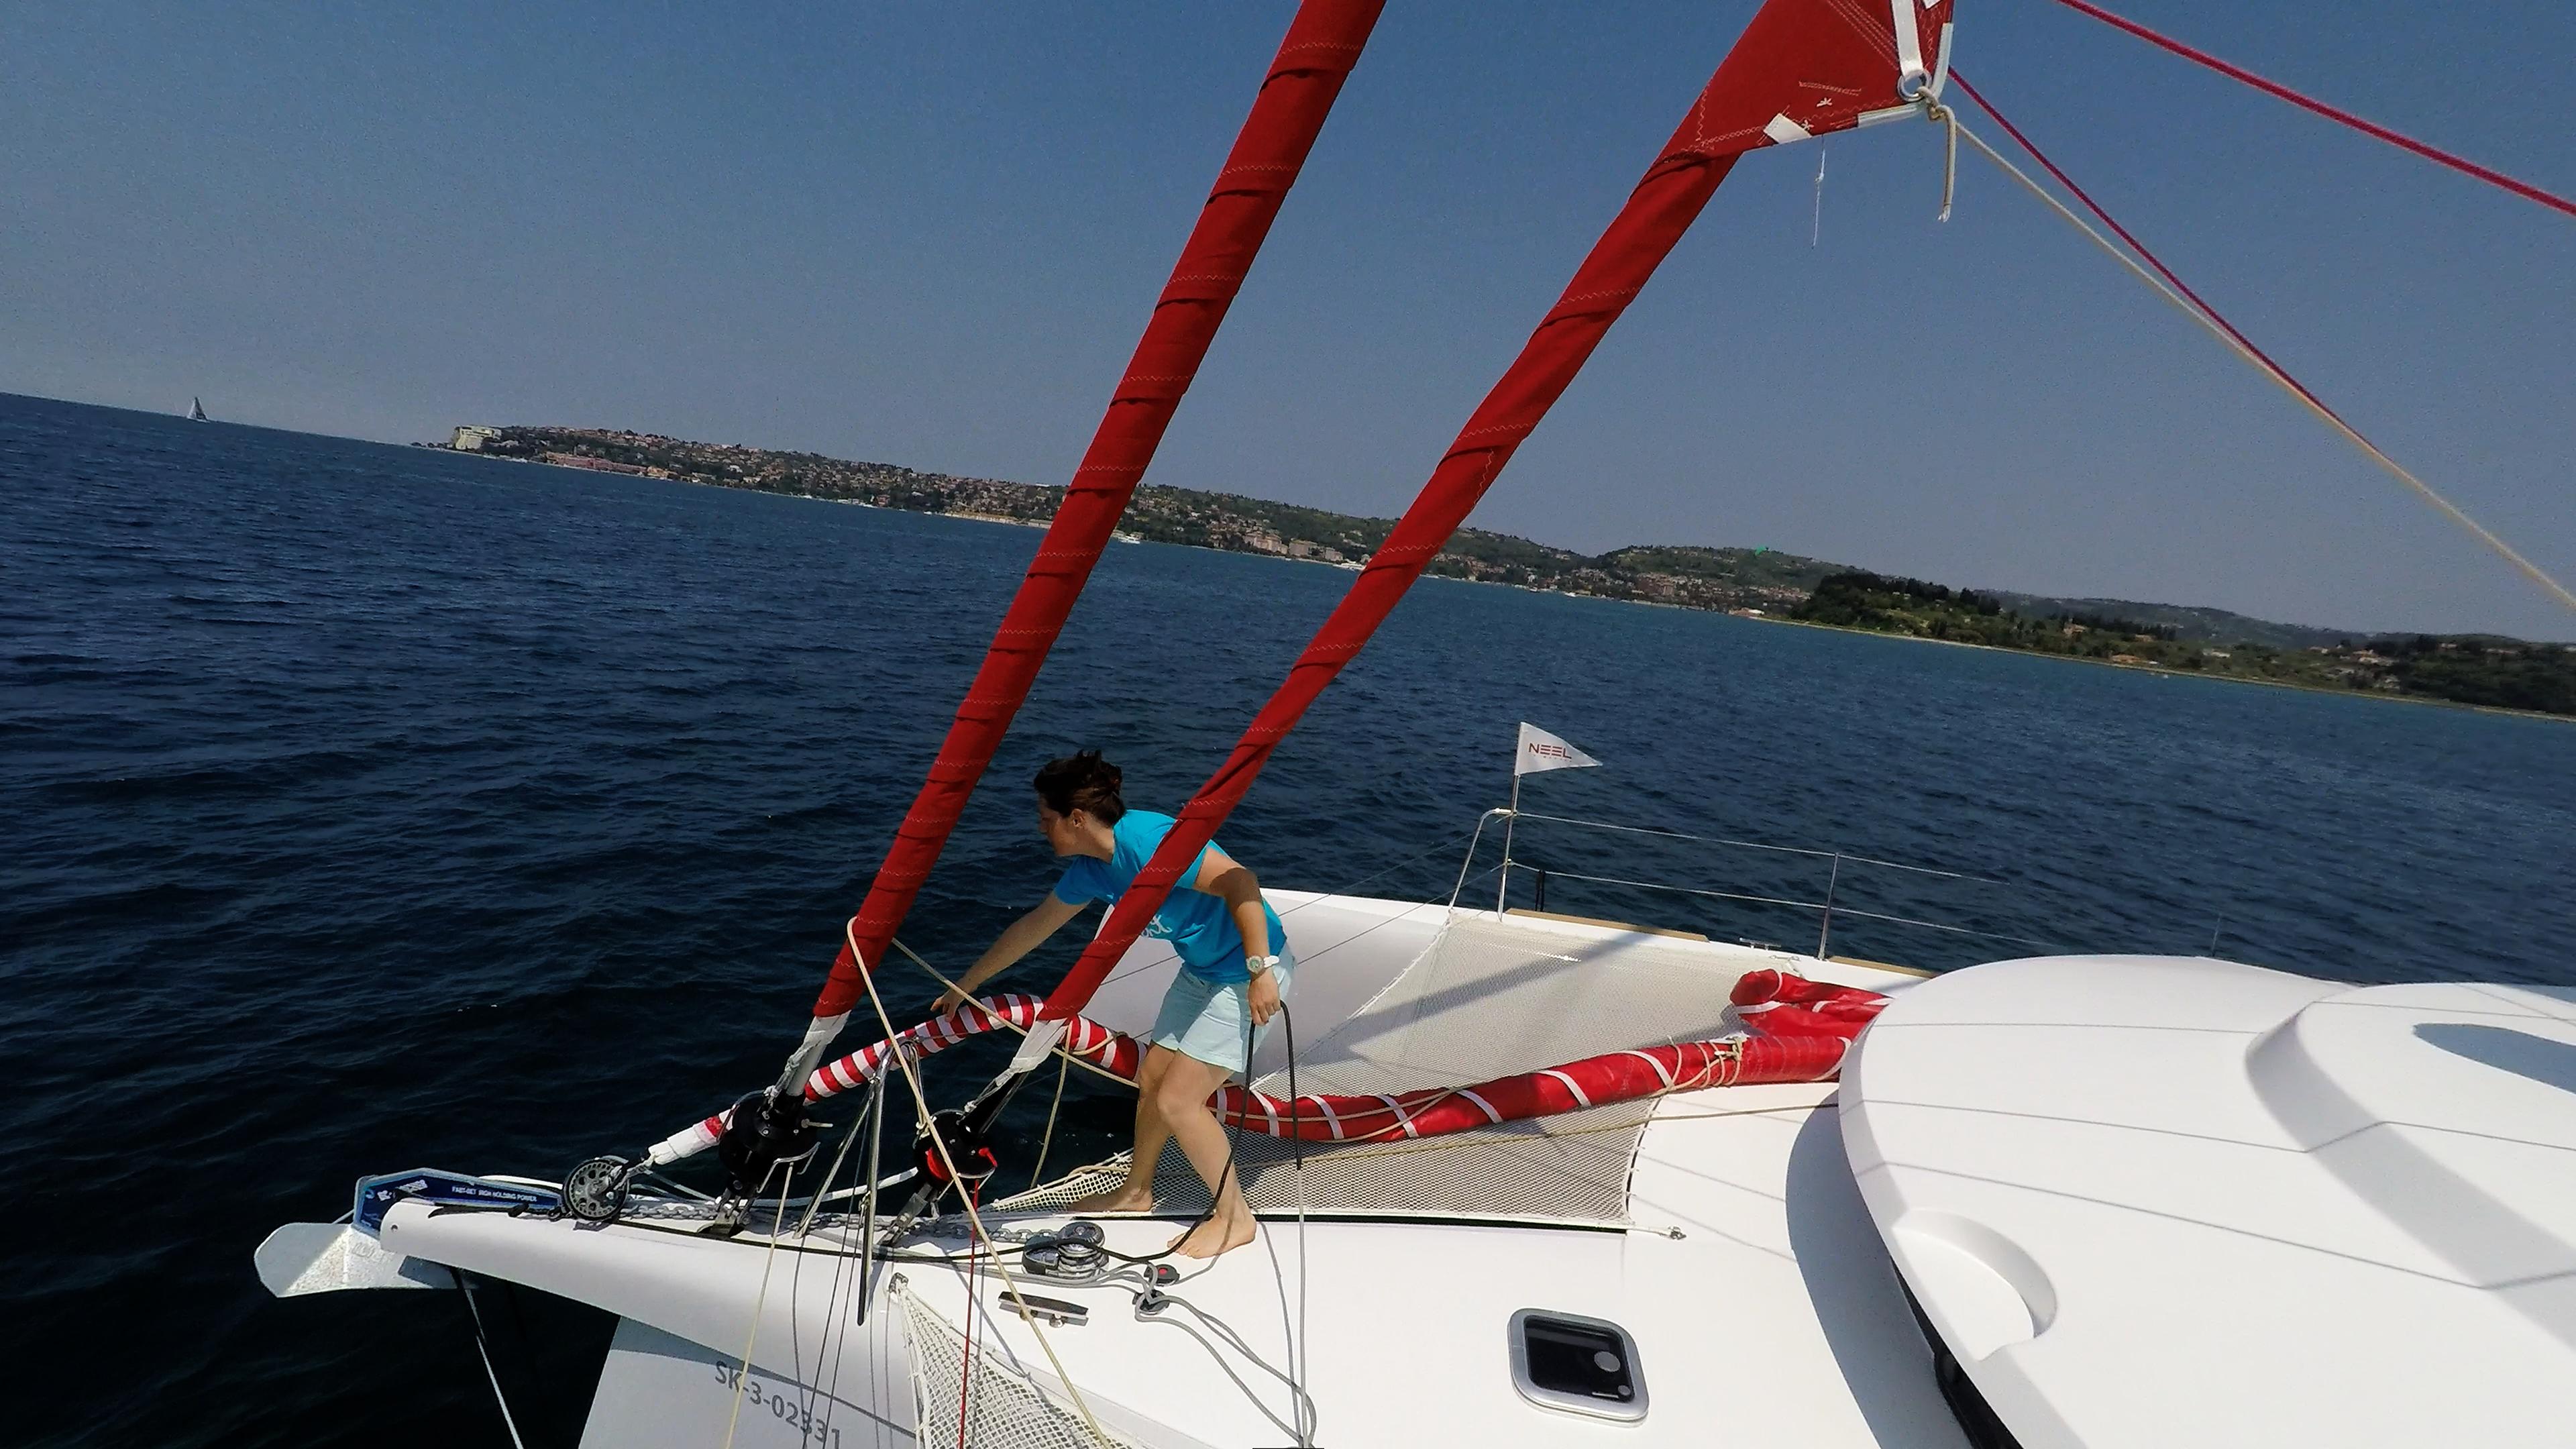 ragazza rimuovendo gennaker dalla prua della barca a vela trimarano neel 45